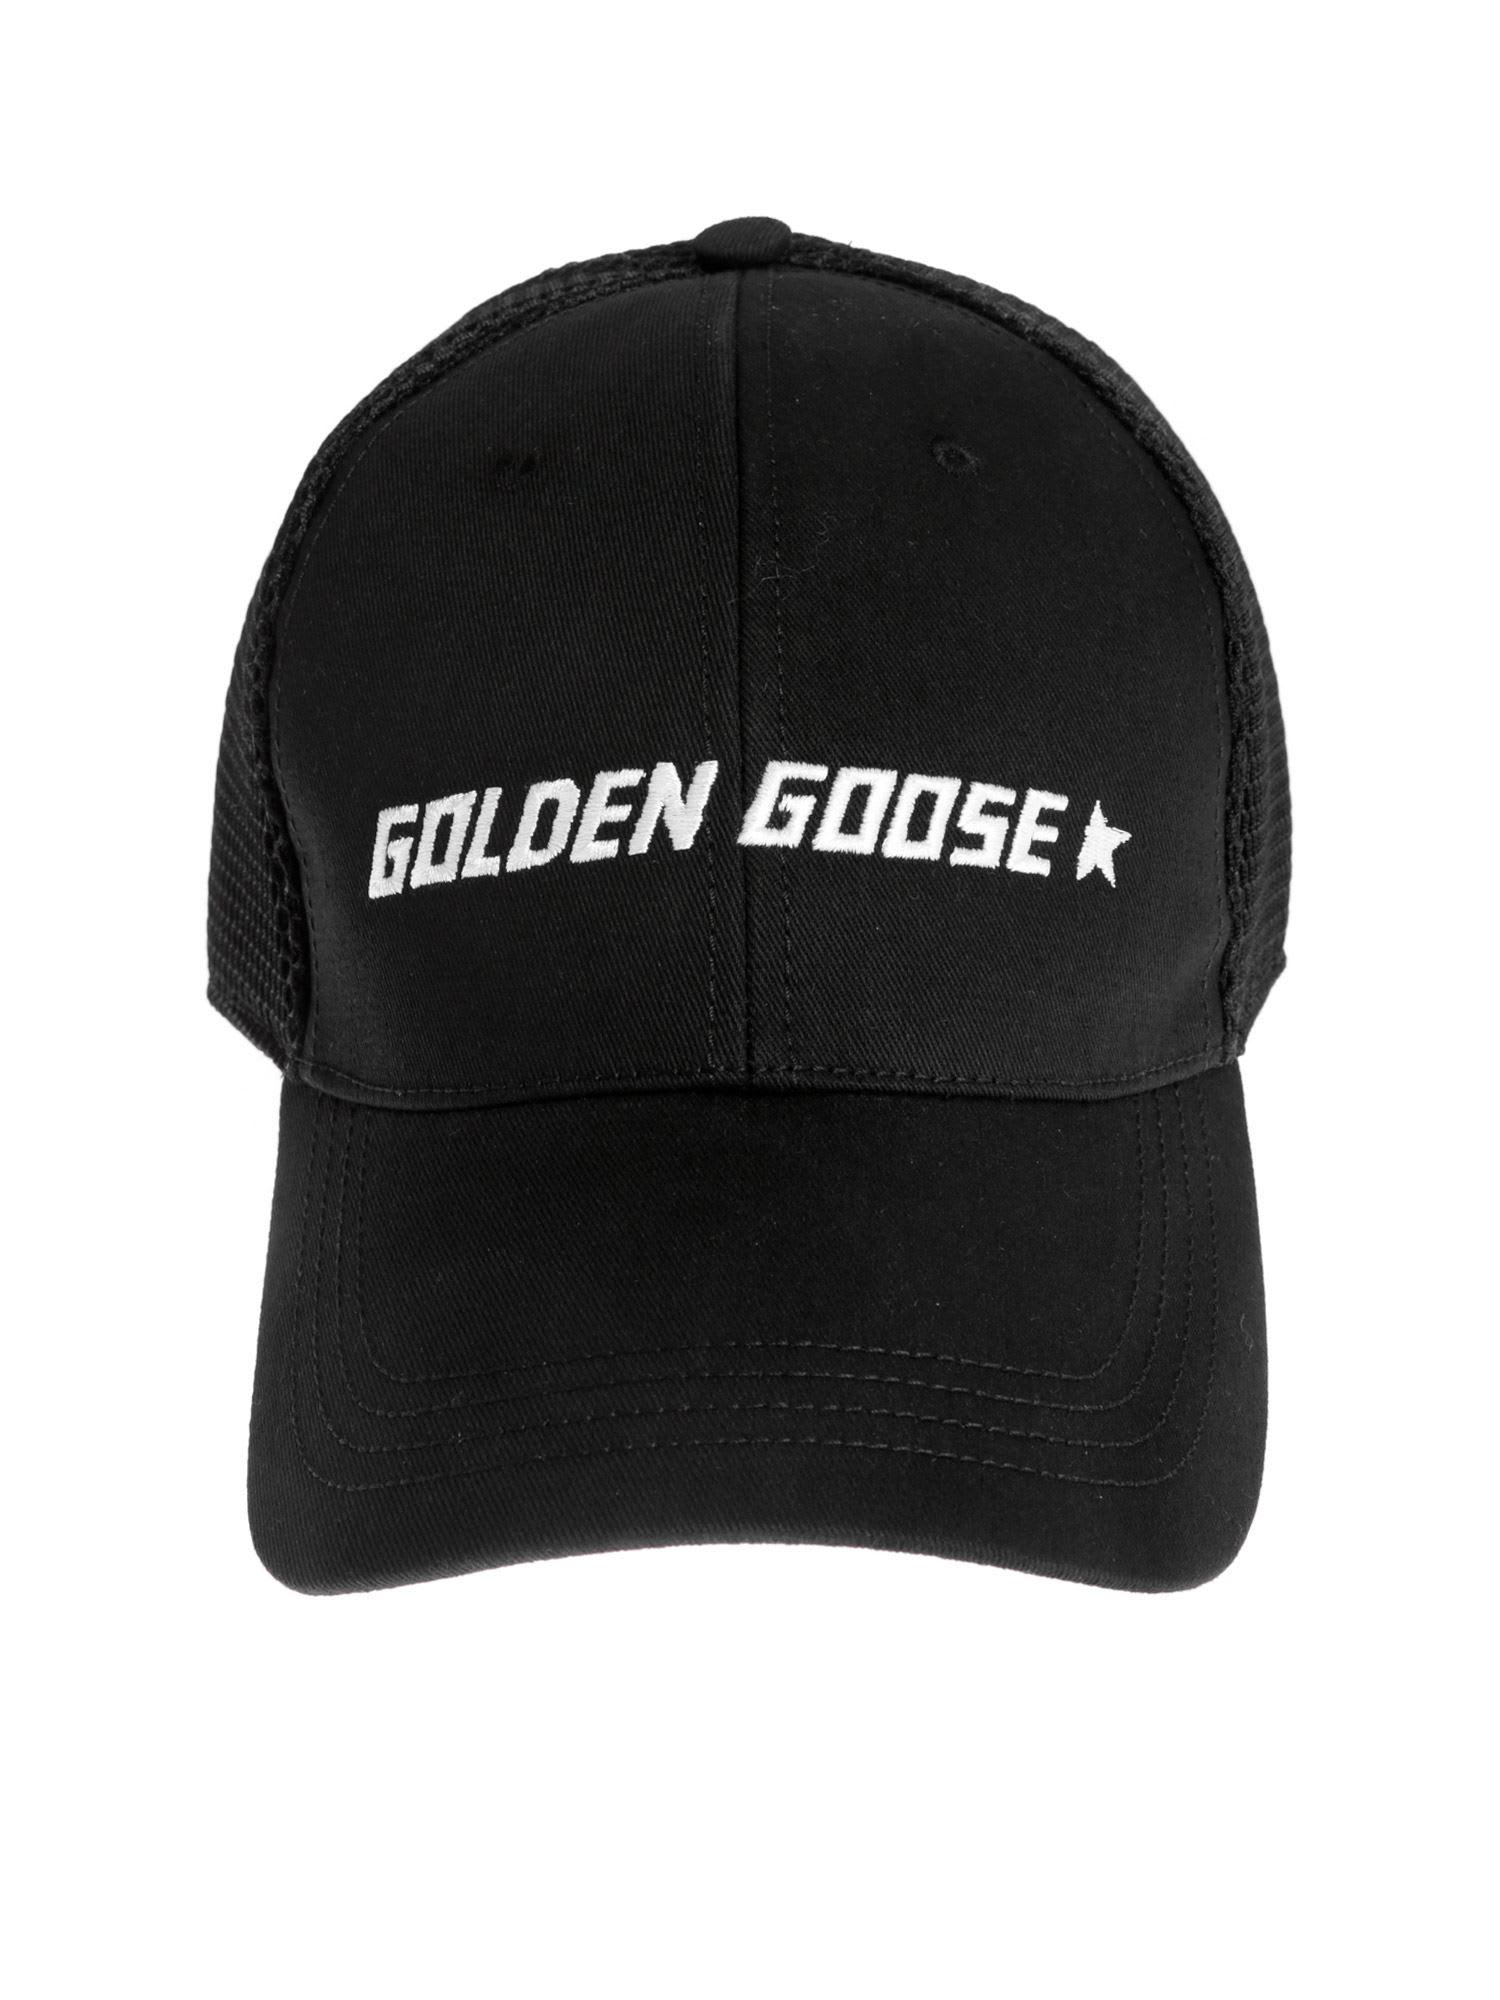 Golden Goose CAP JACE